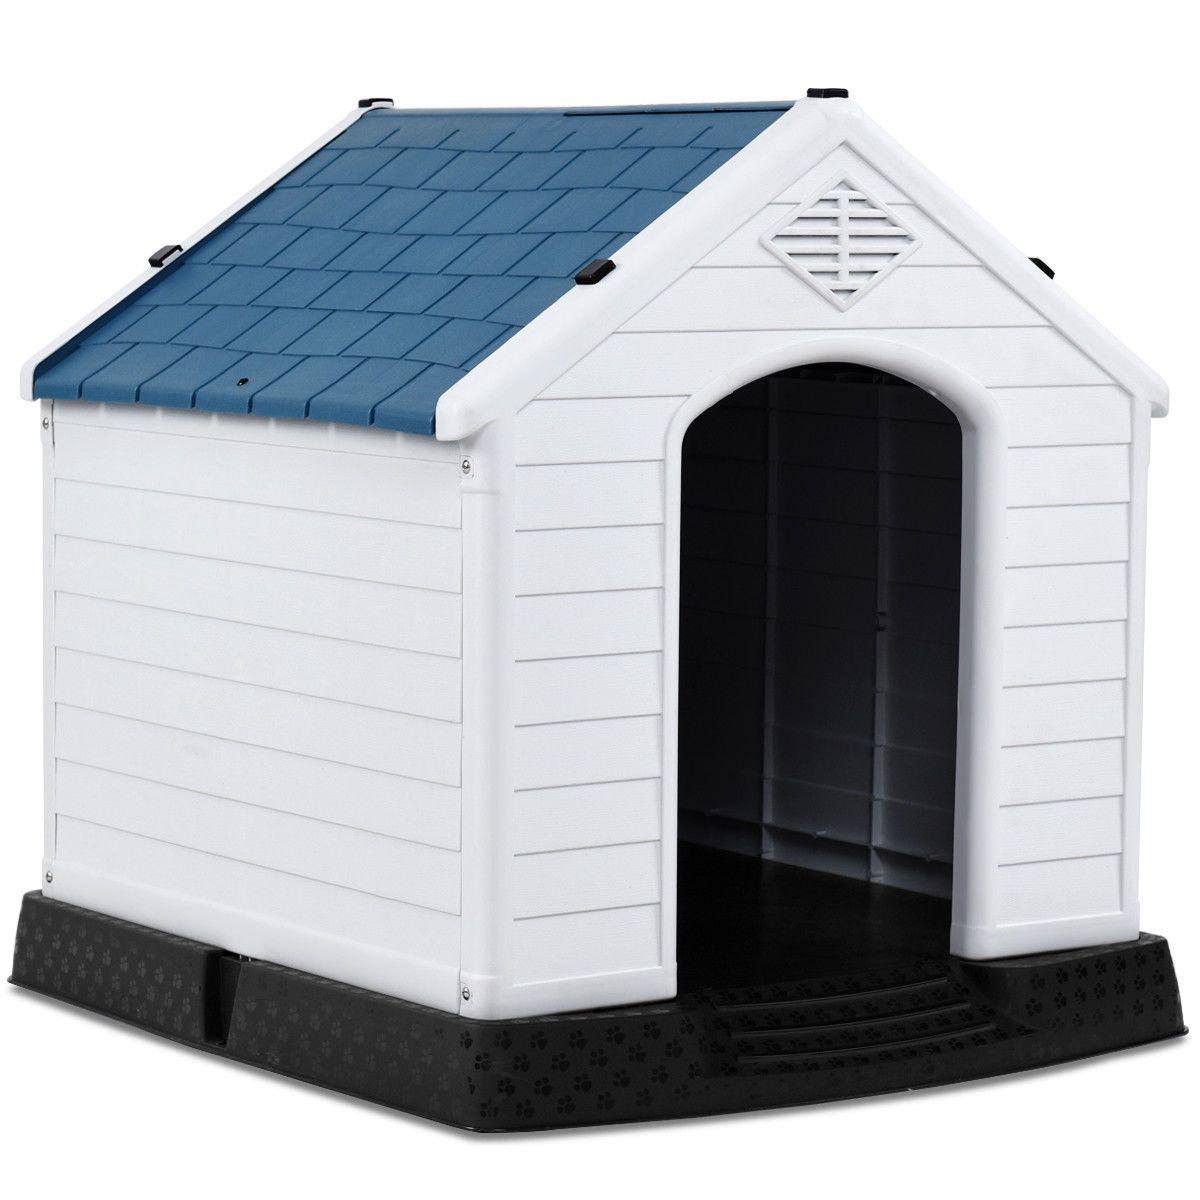 Indoor Outdoor Waterproof Plastic Dog House Pet Puppy Shelter In 2020 Plastic Dog House Outdoor Dog House Cool Dog Houses